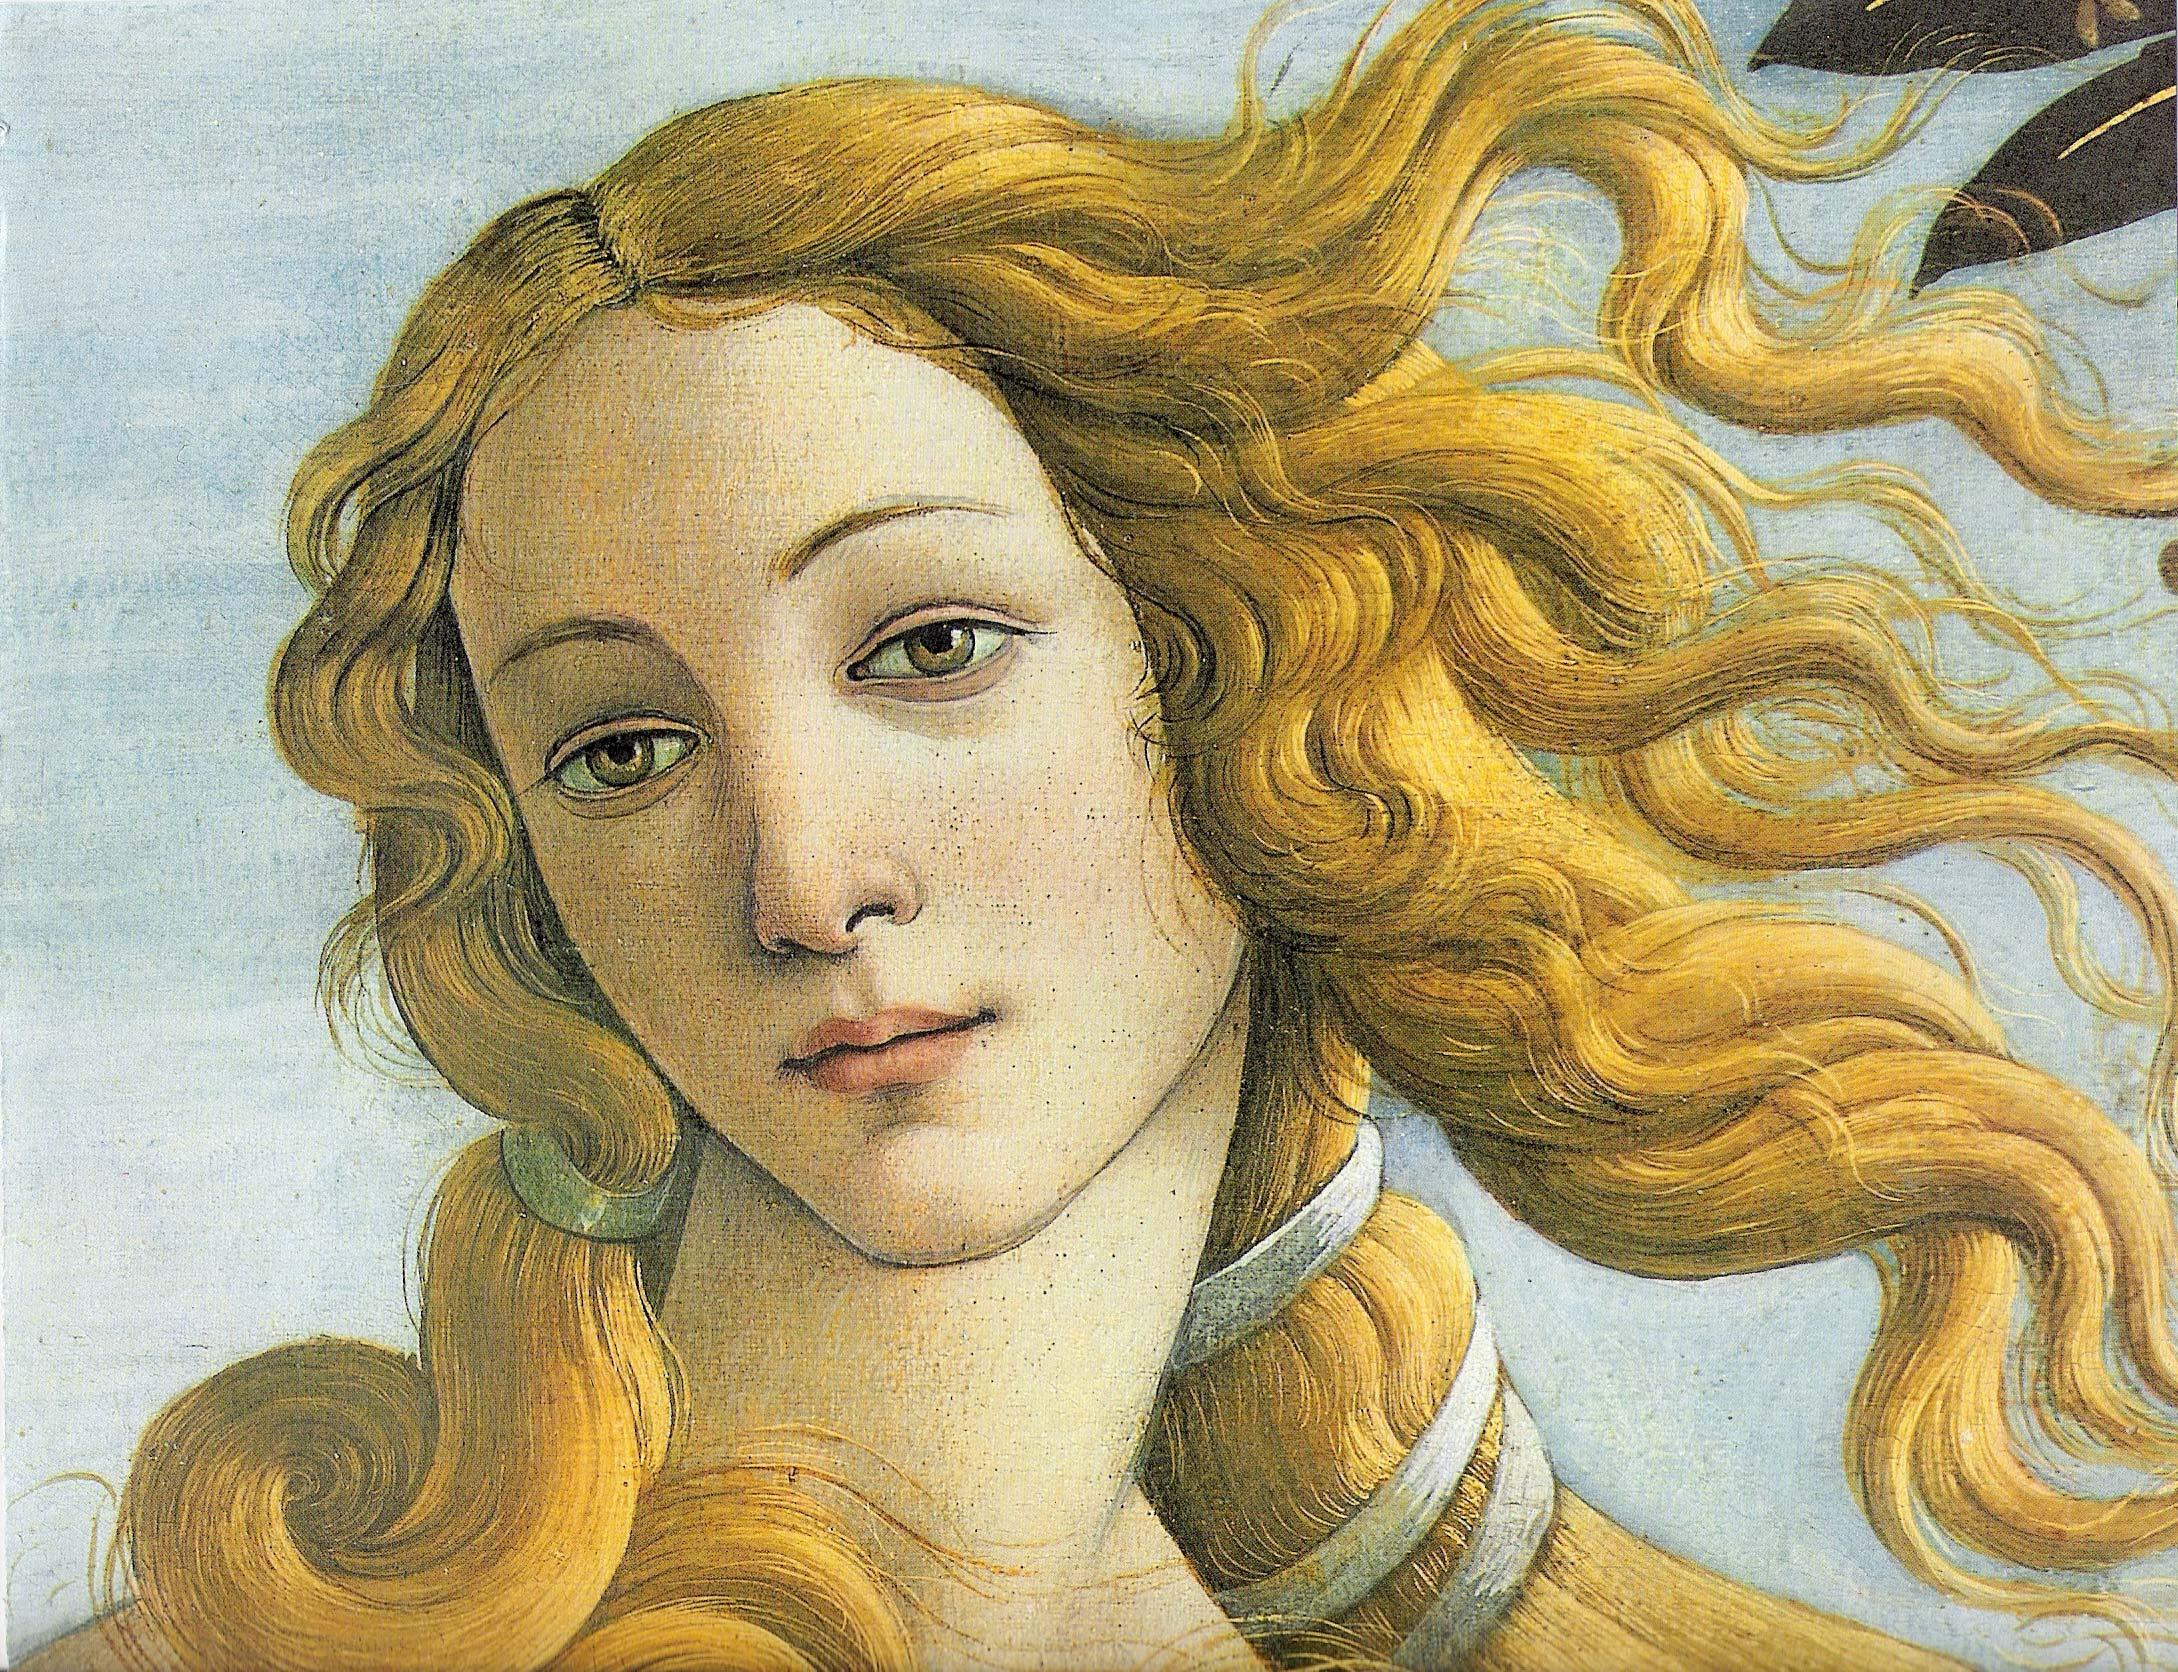 Jeanne tripplehorn gallery